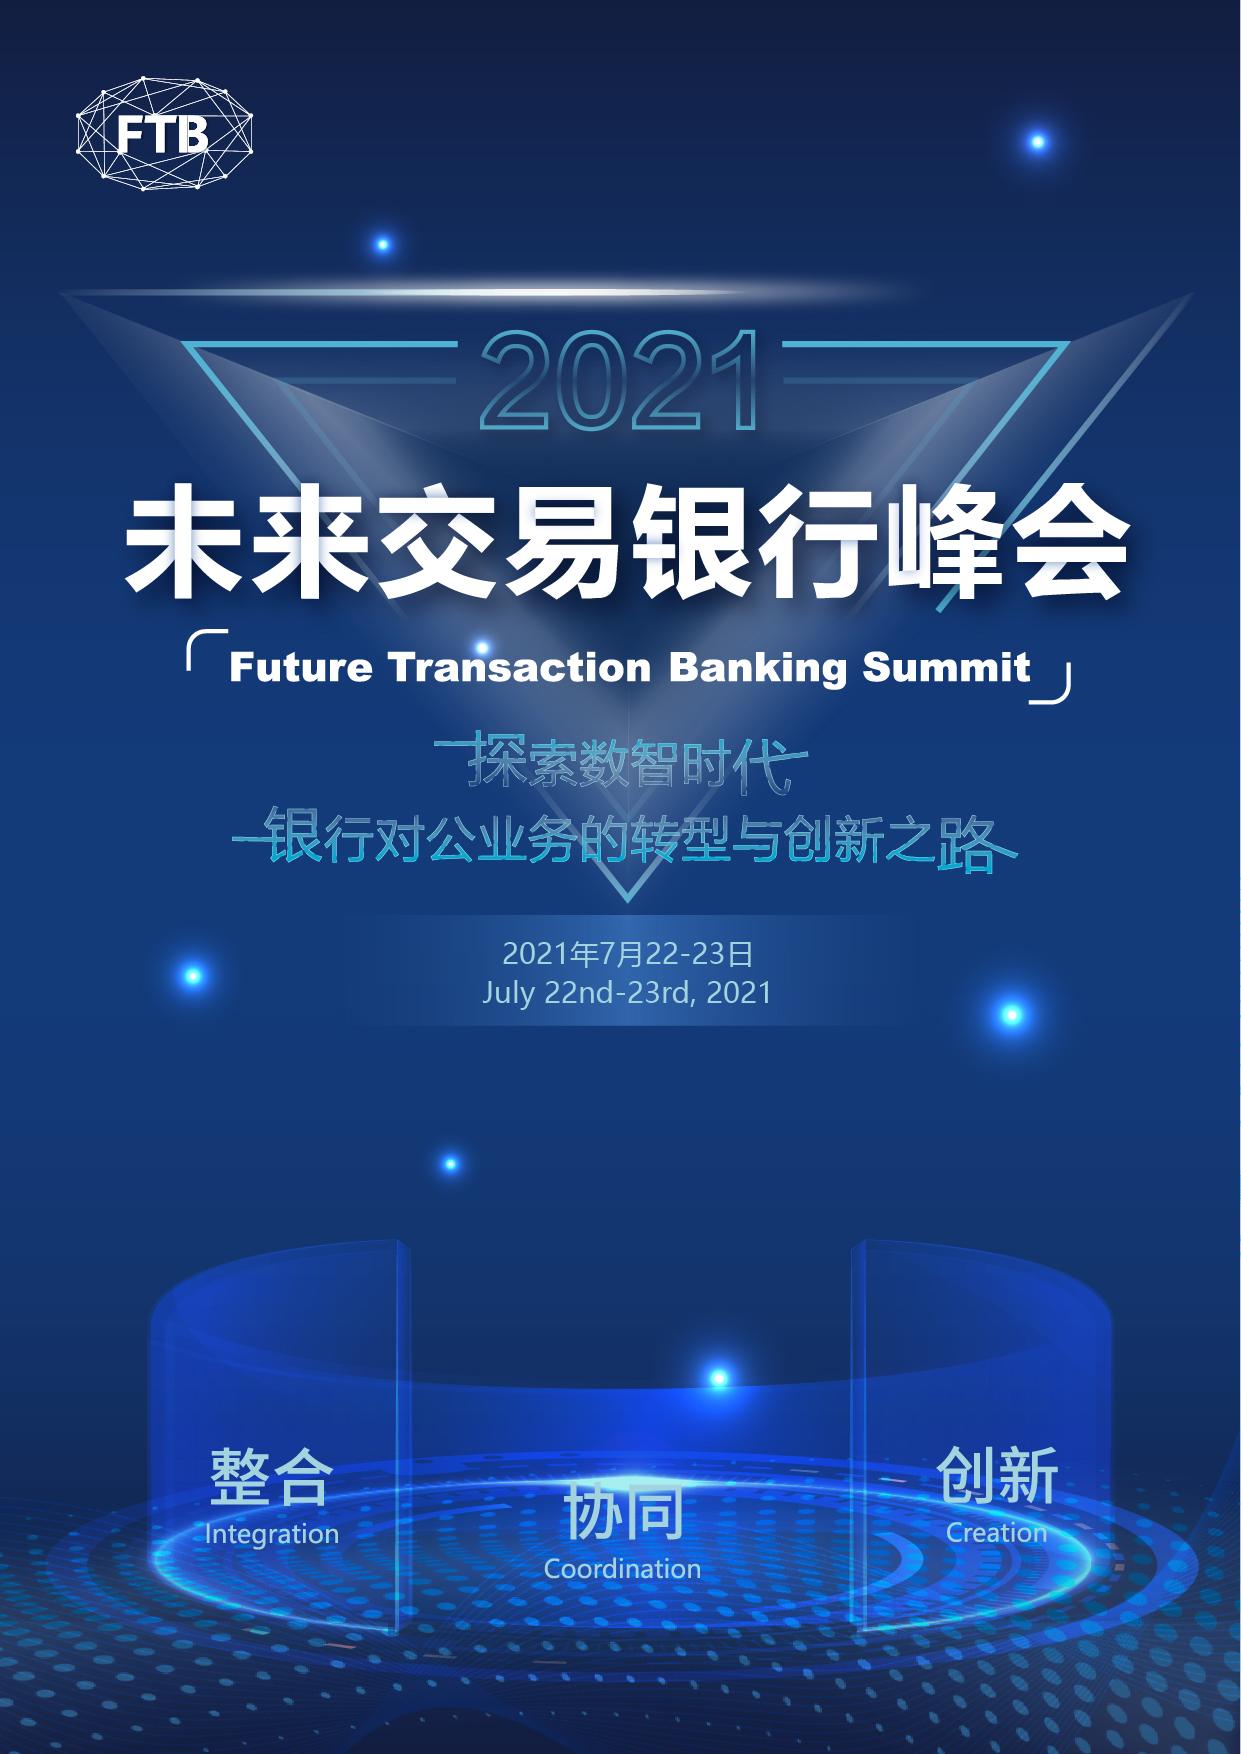 2021未来交易银行峰会